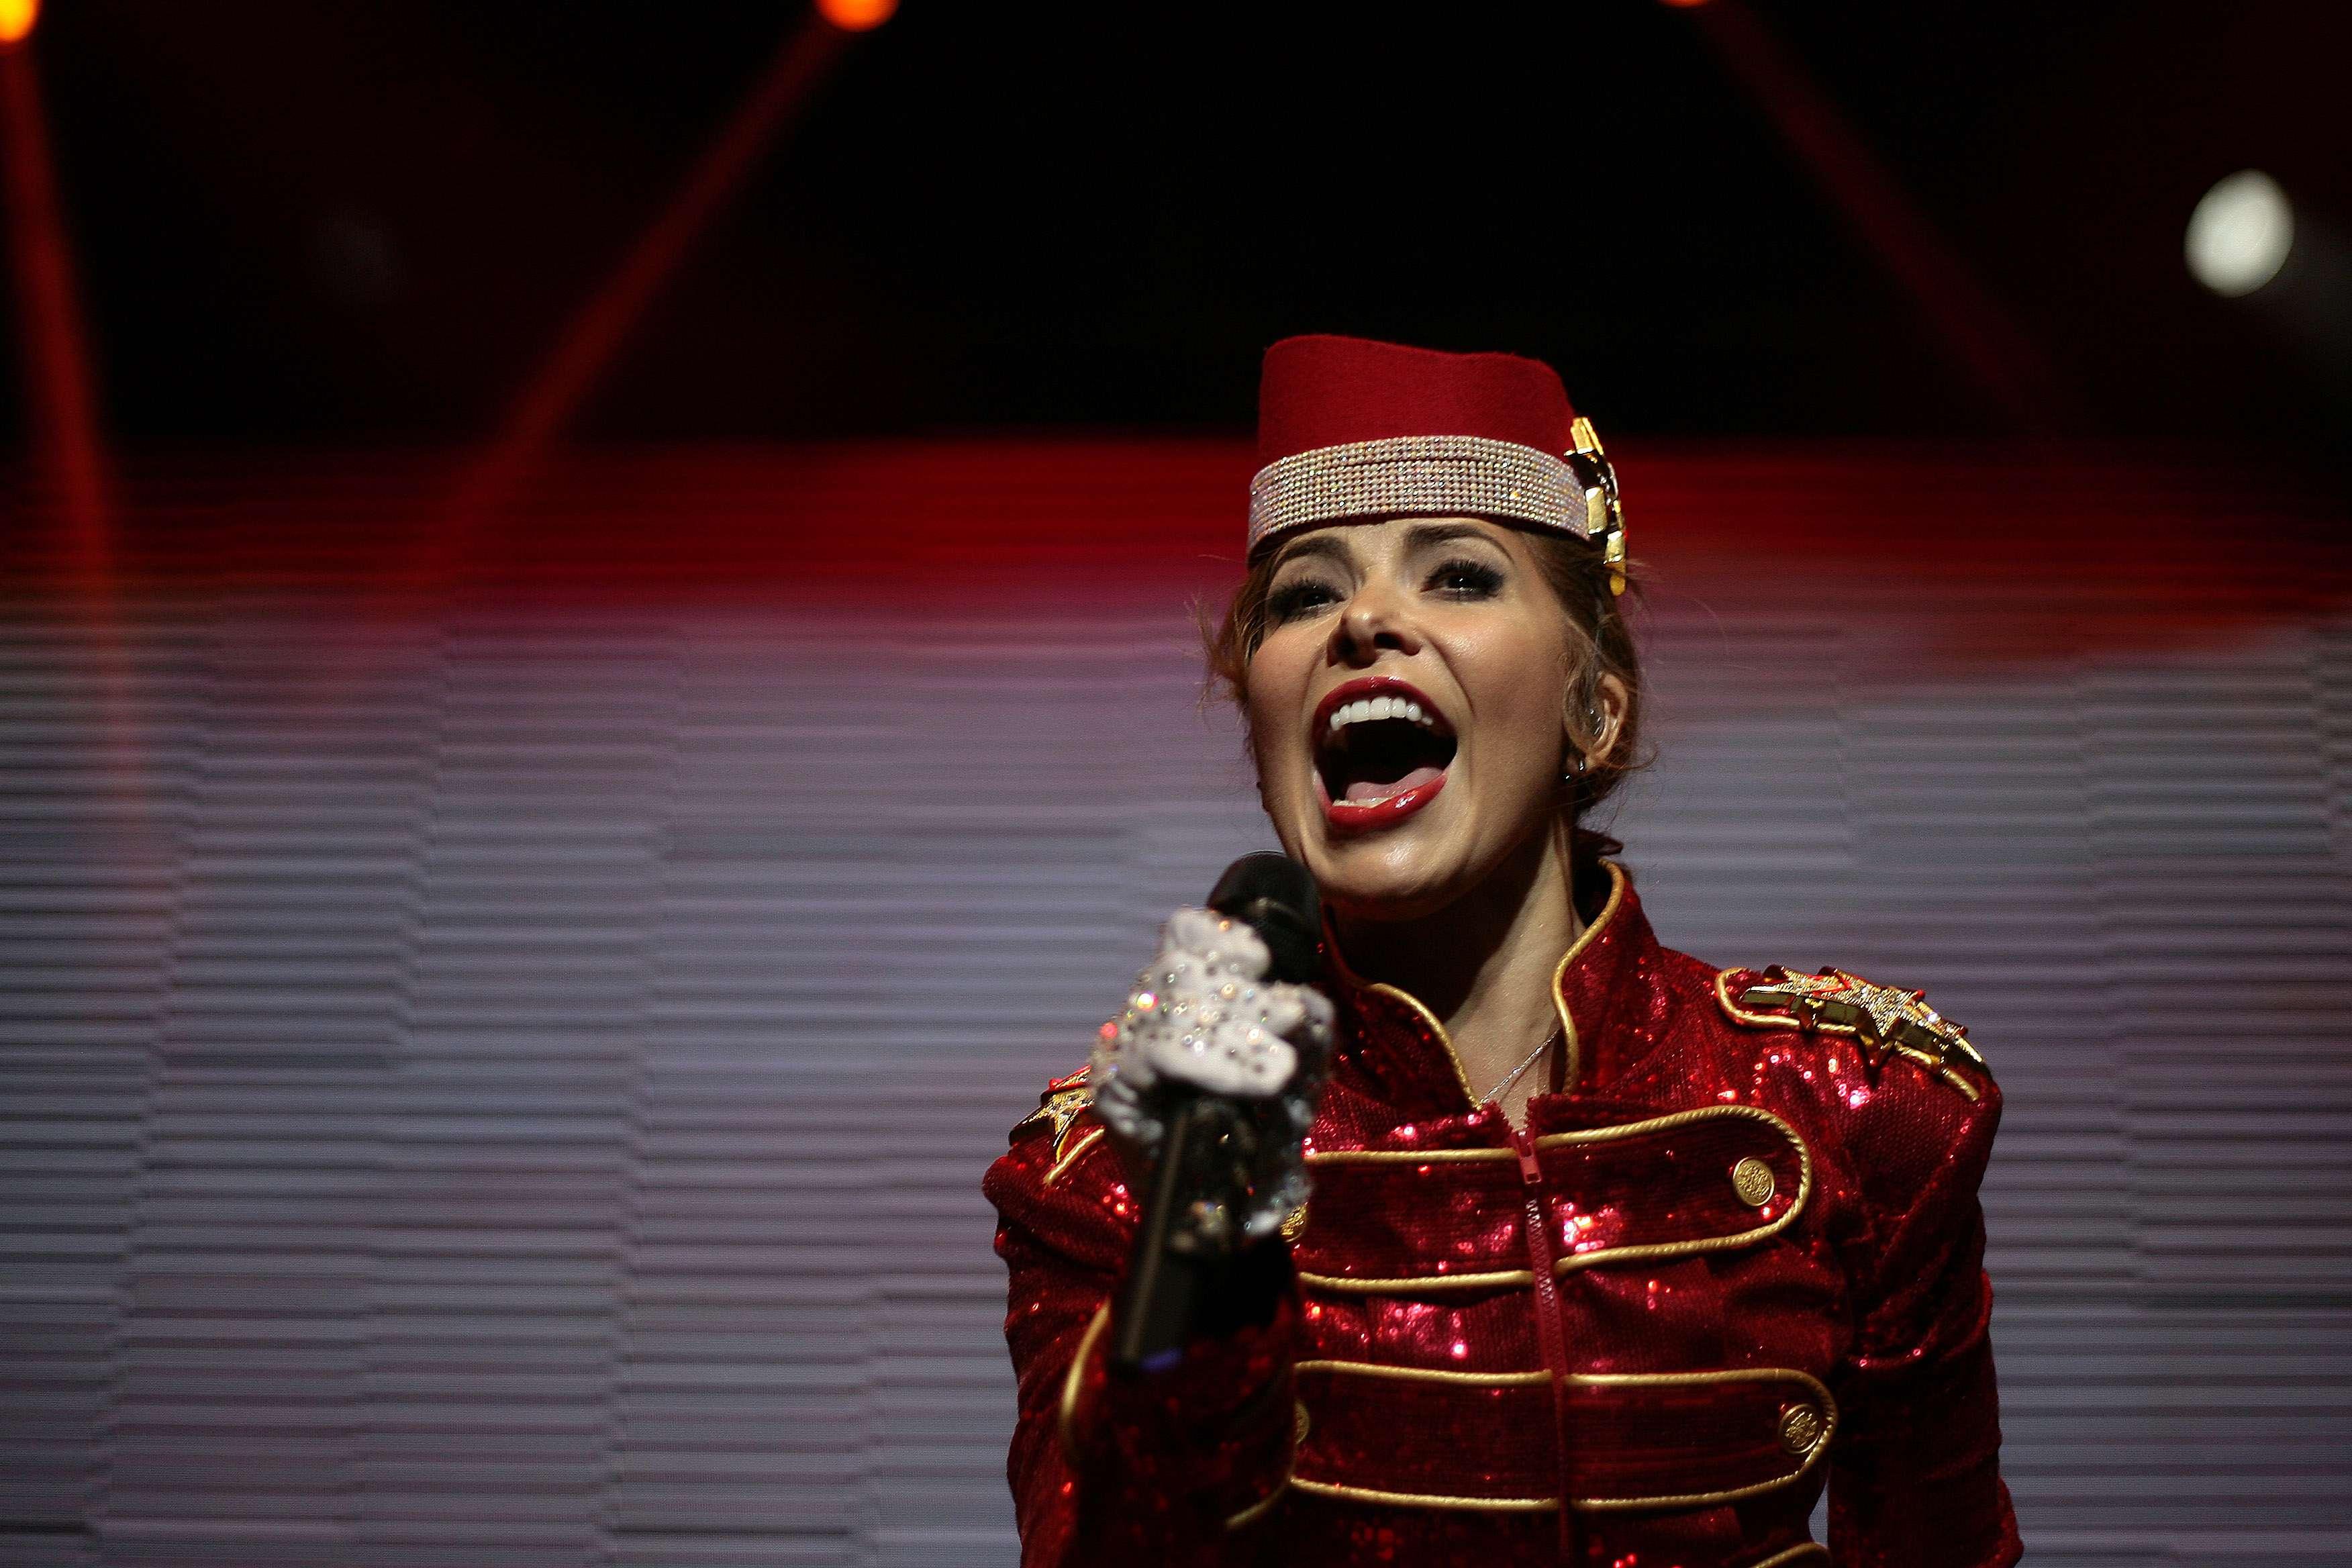 """La cantante mexicana Gloria Trevi llegó hasta el Teatro Caupolicán, ubicado en calle San Diego, para presentar su show """"De Pelicula Tour"""", donde sorprendió por sus cambios de vestimenta - en especial - por uno de paquita, que trajo a la memoria a la brasileña Xuxa ¡Mira las fotos! Foto: Agencia uno."""